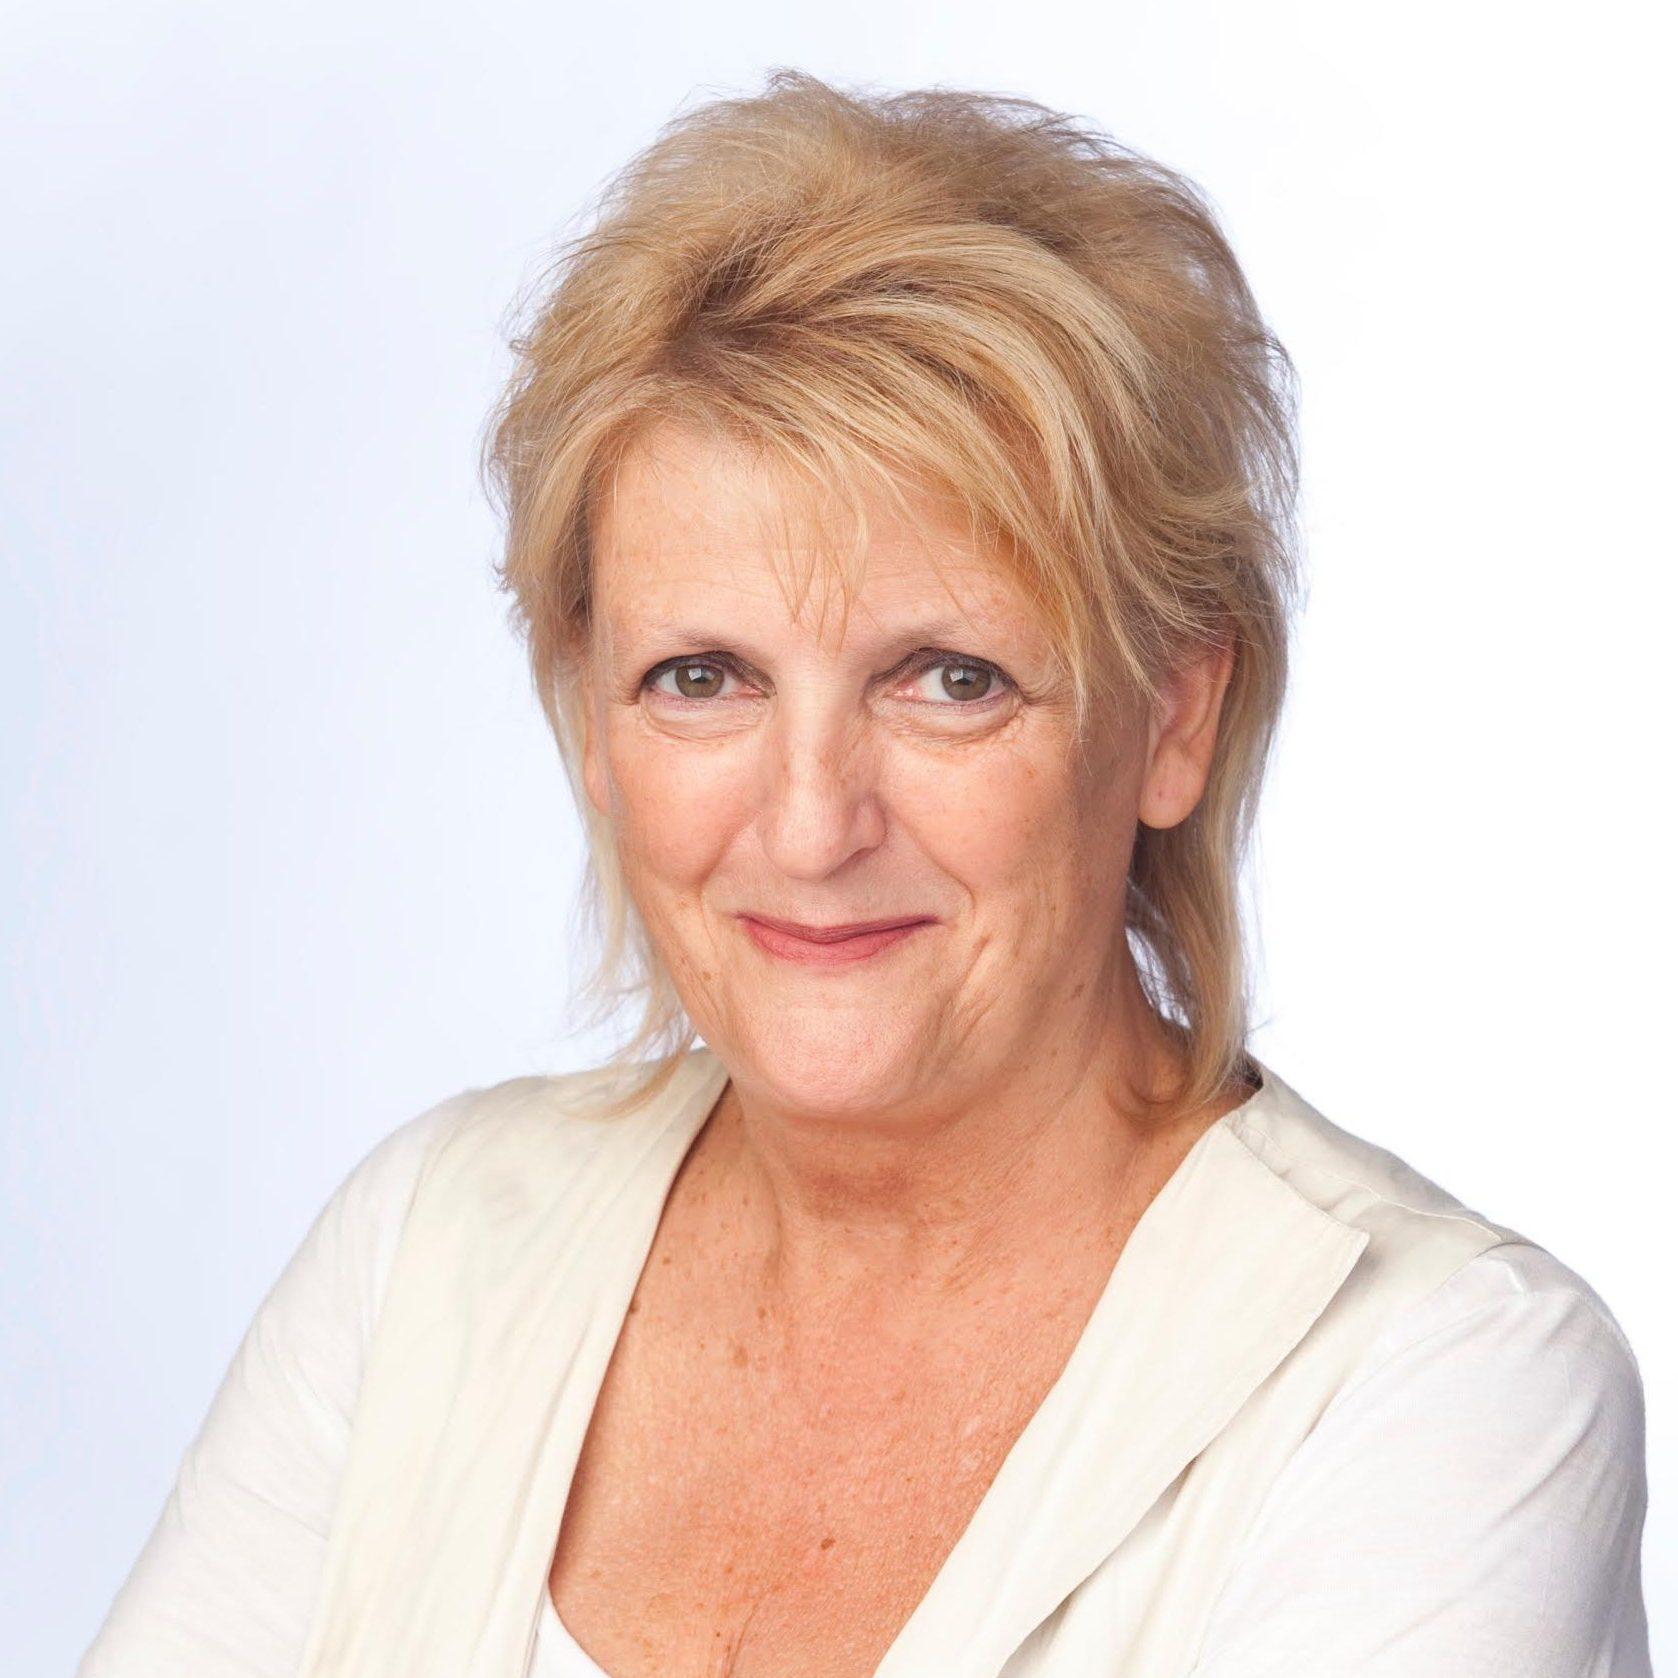 Jane Clifton Australian Actress, Singer, Writer